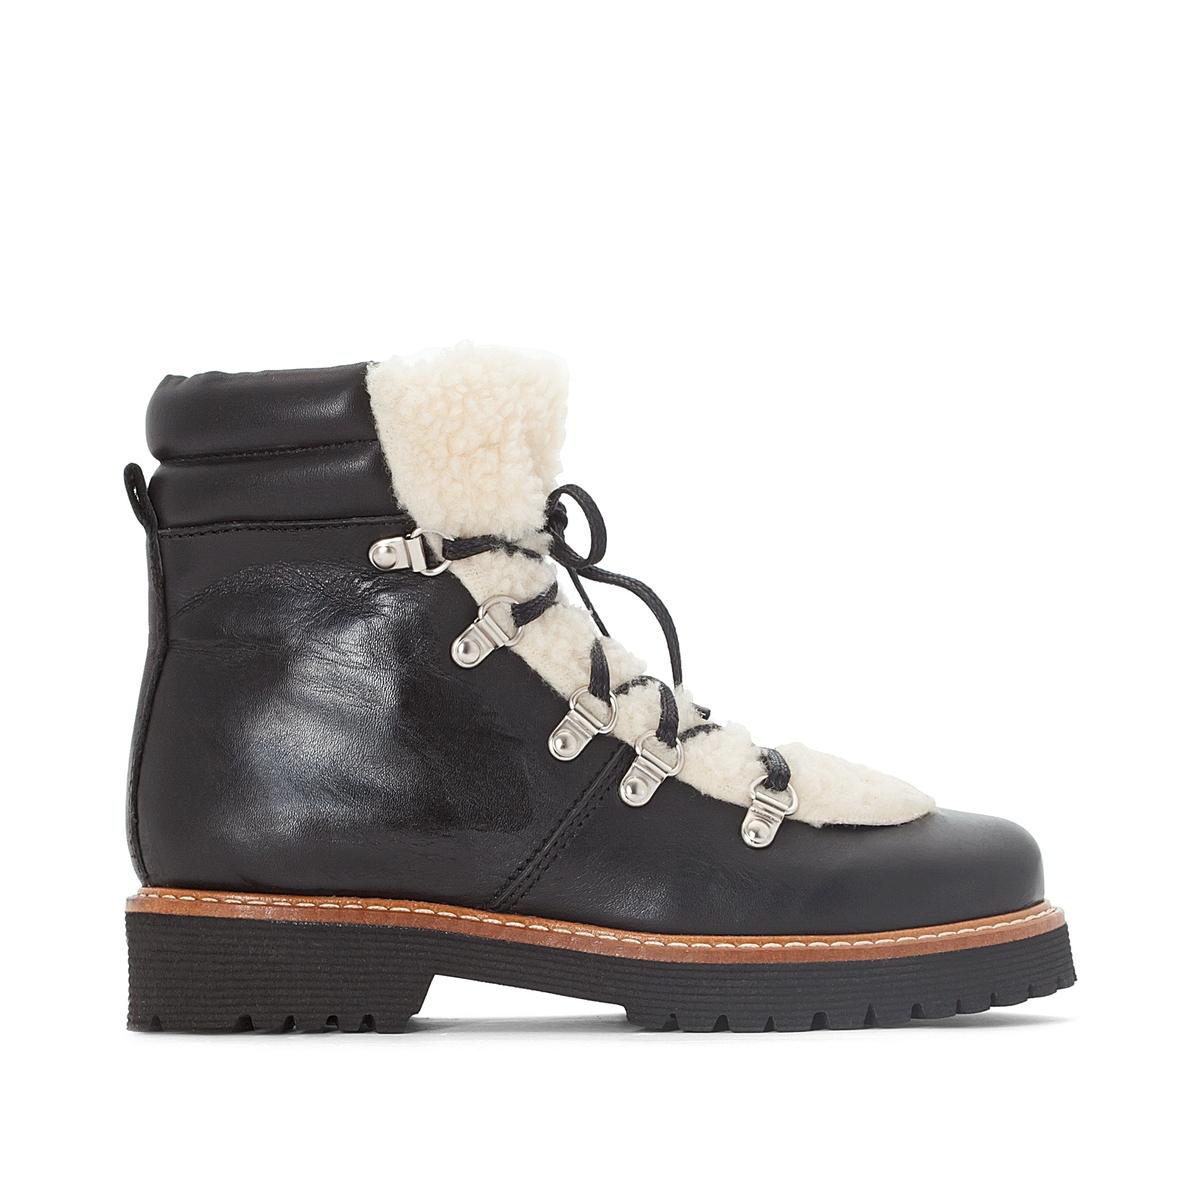 Ботинки кожаные в горном стилеДетали  •  Высота голенища : 13 см для размера 37 •  Высота каблука : 1 см. •  Застежка : шнуровка •  Круглый мысокСостав и уход  •  Верх 100% яловичная кожа •  Подкладка 100% кожа •  Стелька 100% кожа •  Подошва 100% эластомер<br><br>Цвет: черный